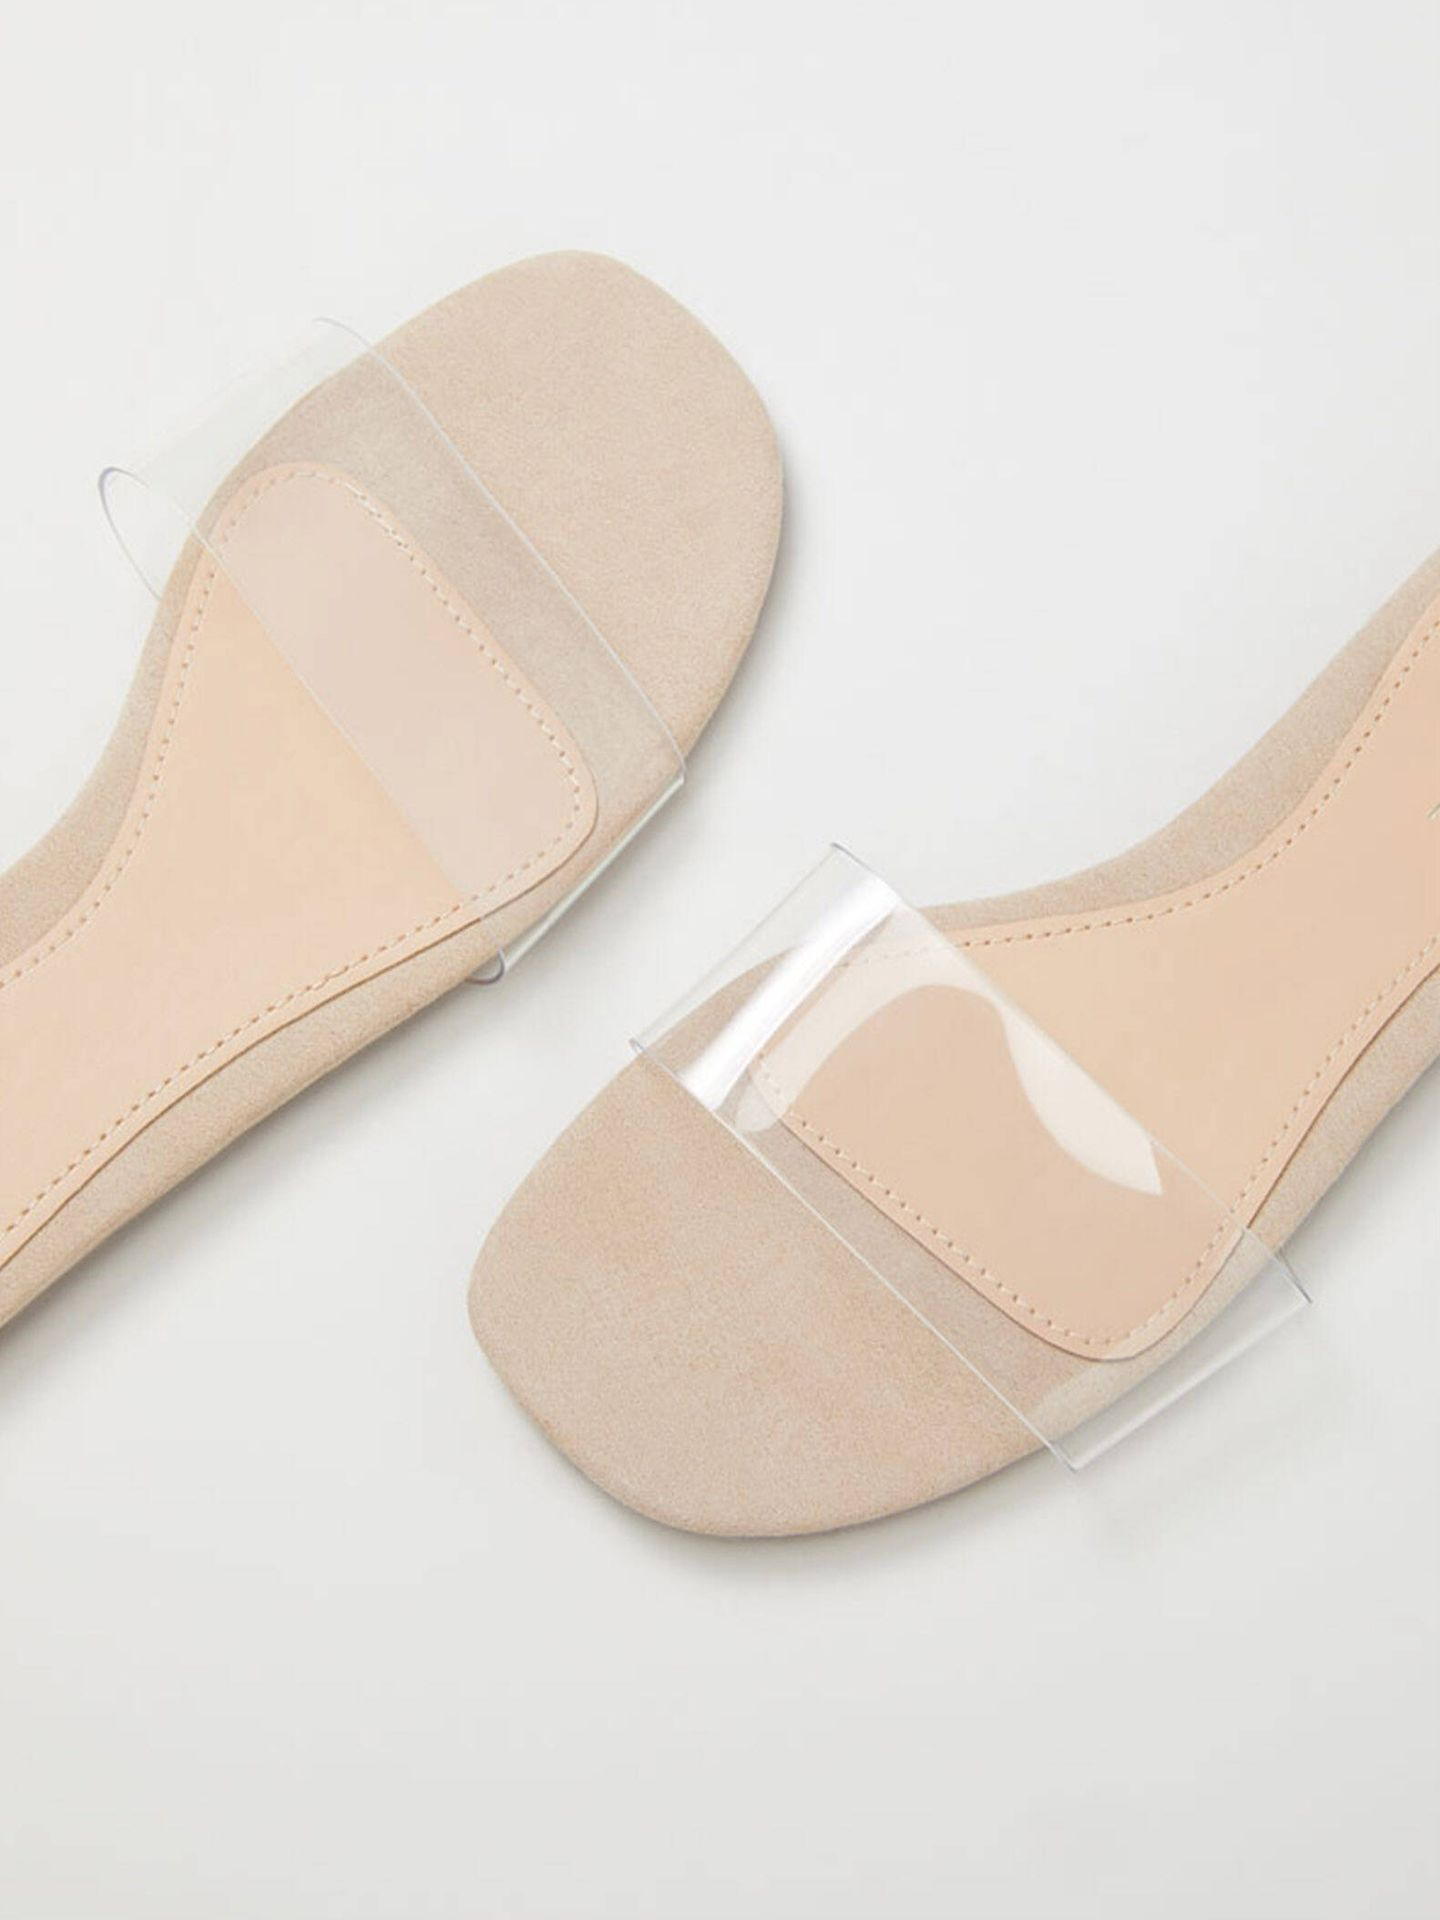 Sandalias low cost y estilosas de Lefties. (Cortesía)